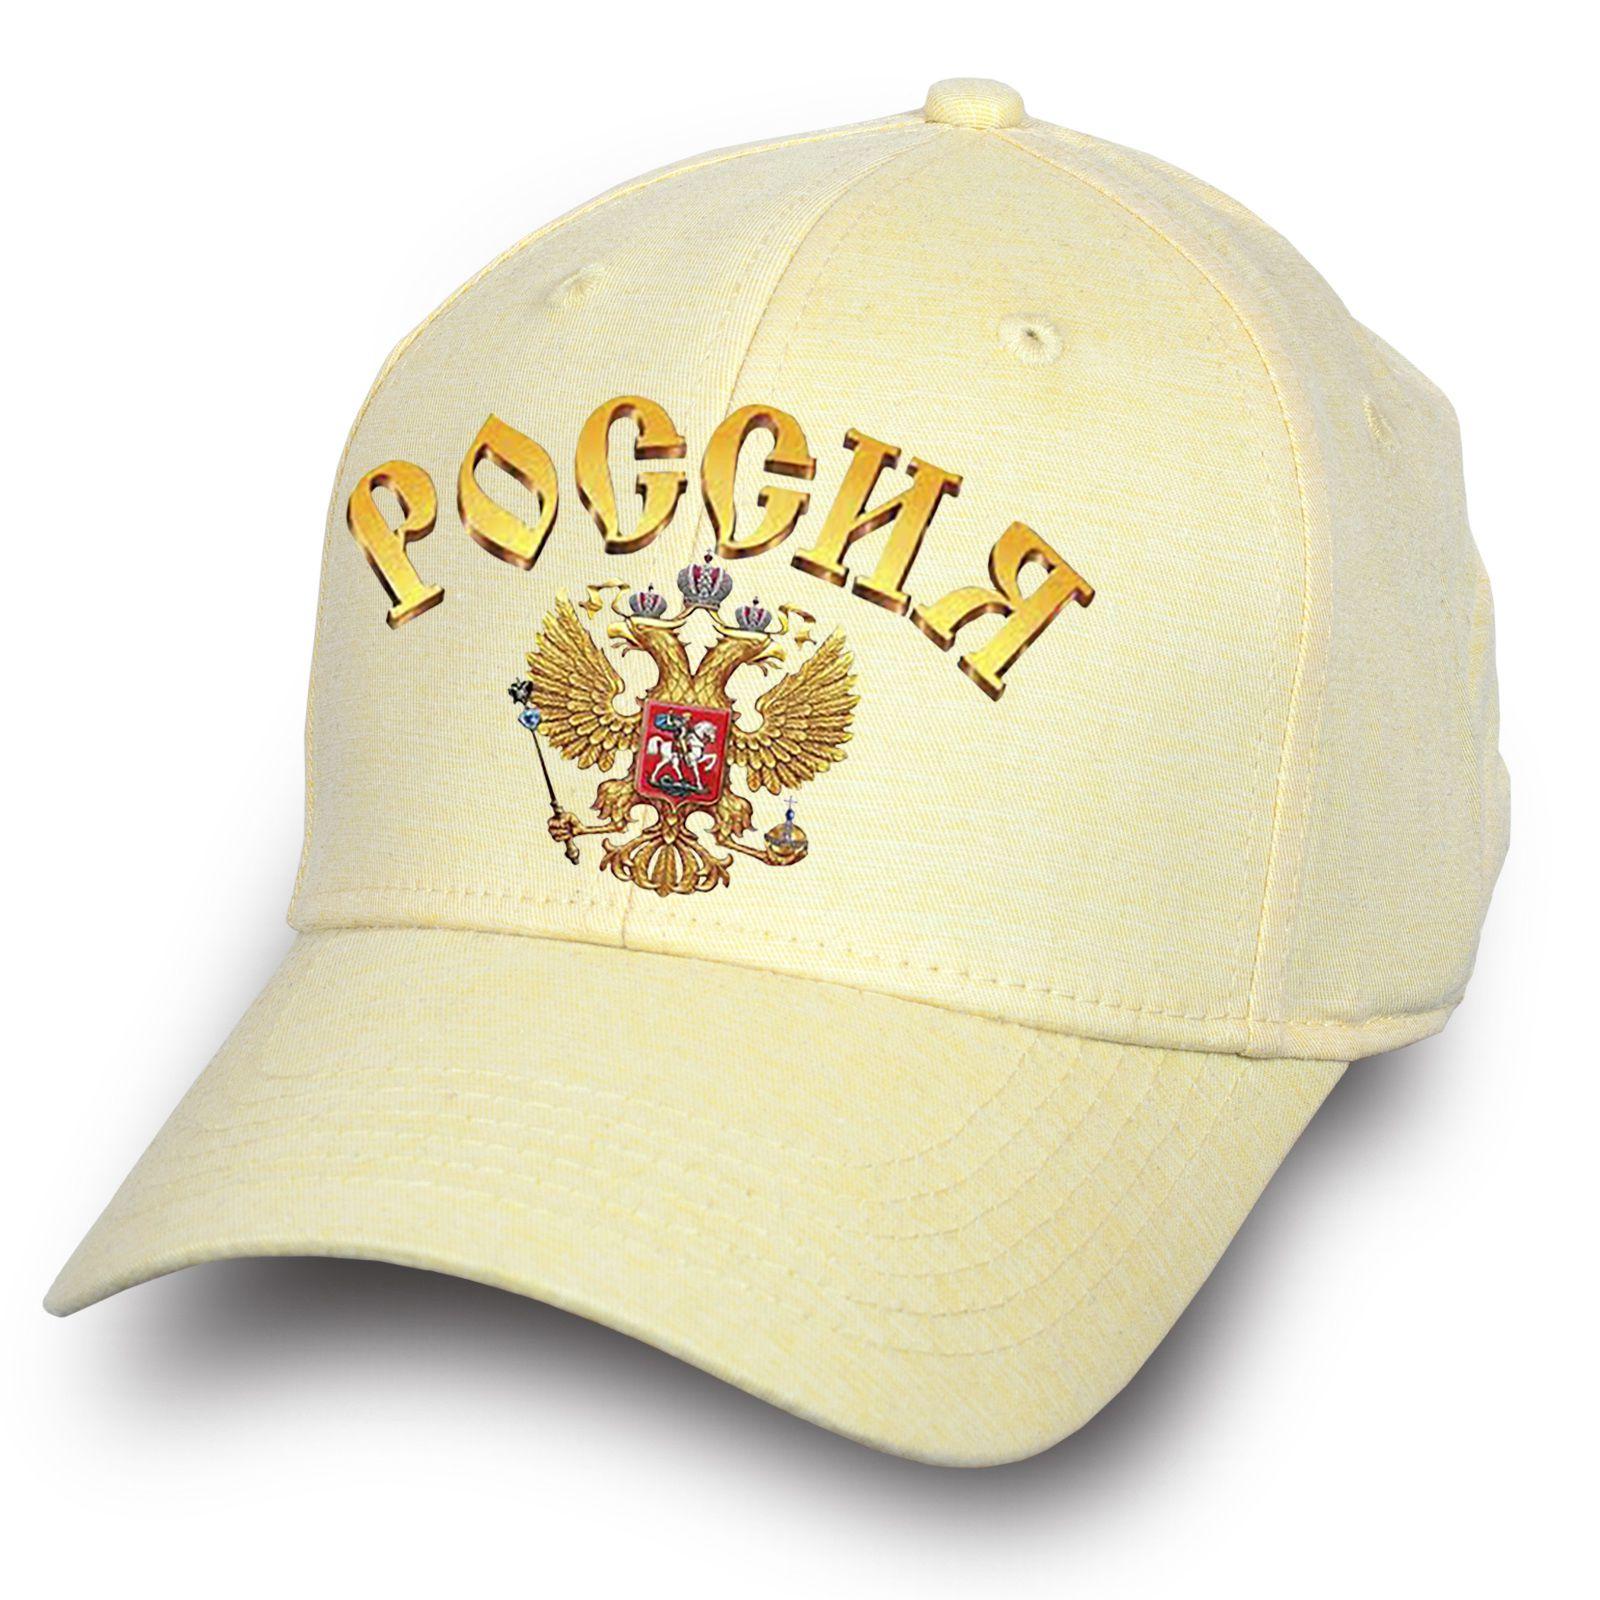 Лучшая бейсболка для русских патриотов - заказать онлайн